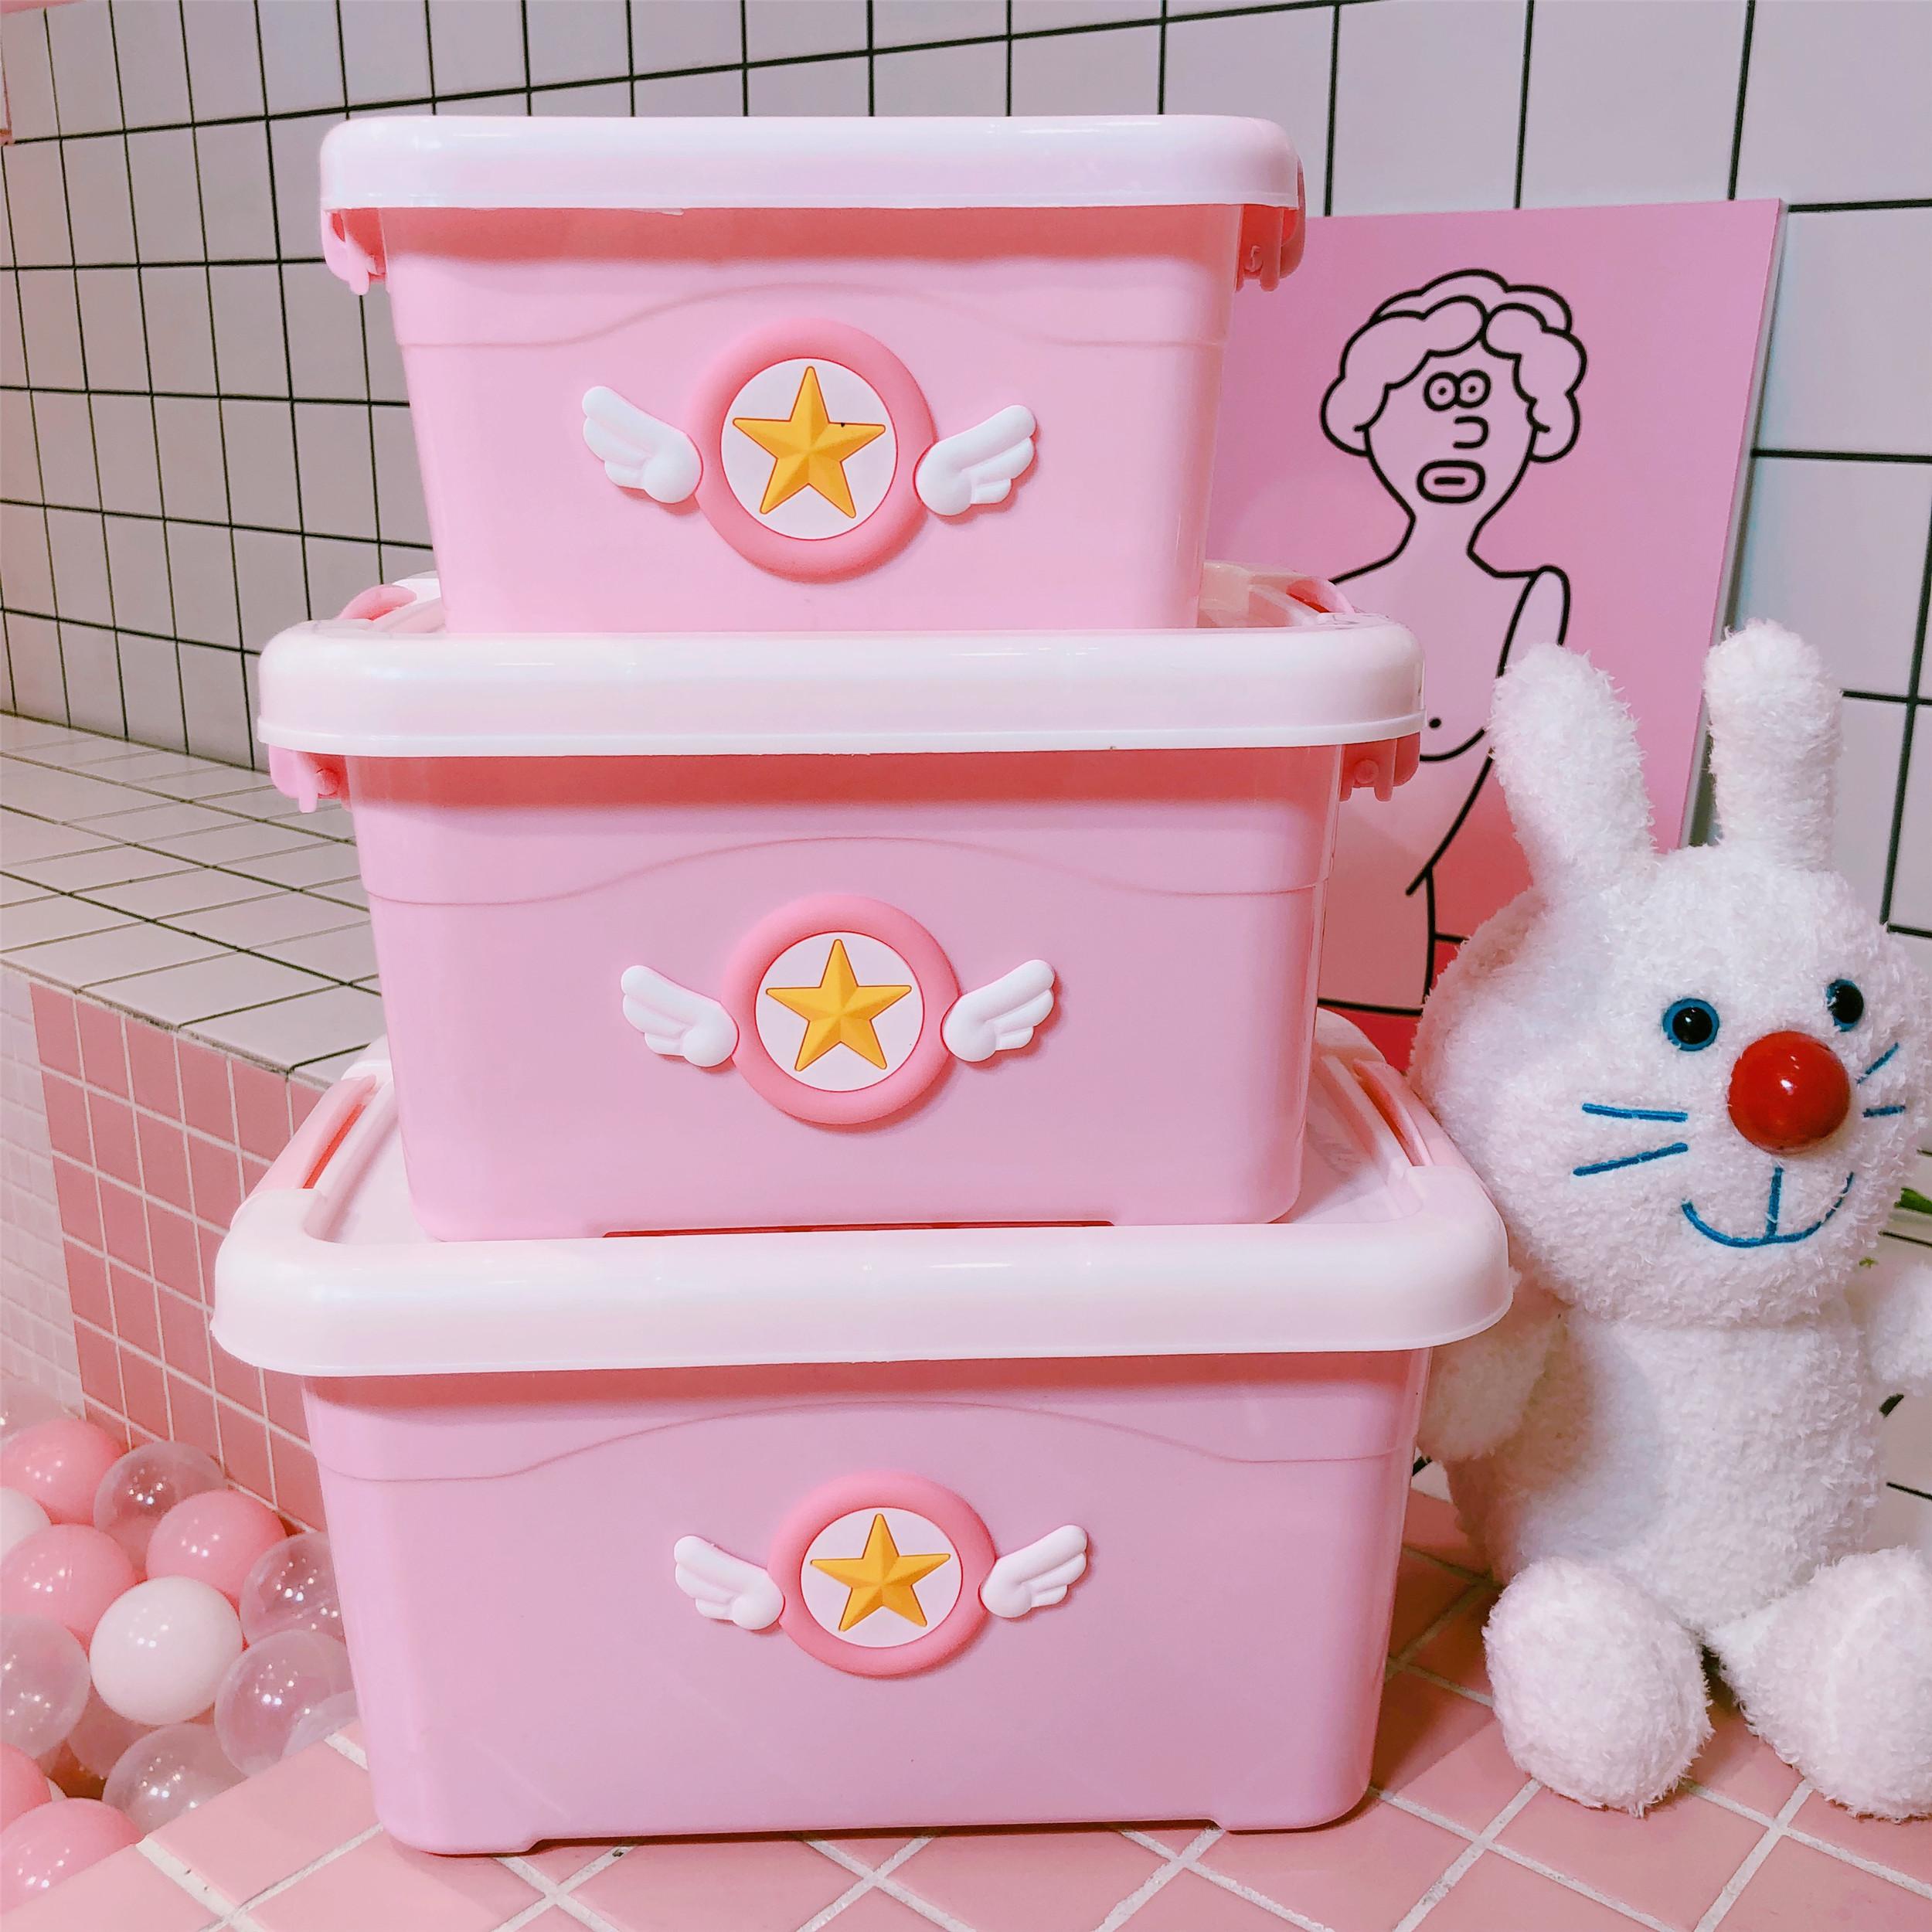 粉色可爱卡通手提收纳箱储物箱整理箱杂物盒内衣桌面化妆品收纳箱